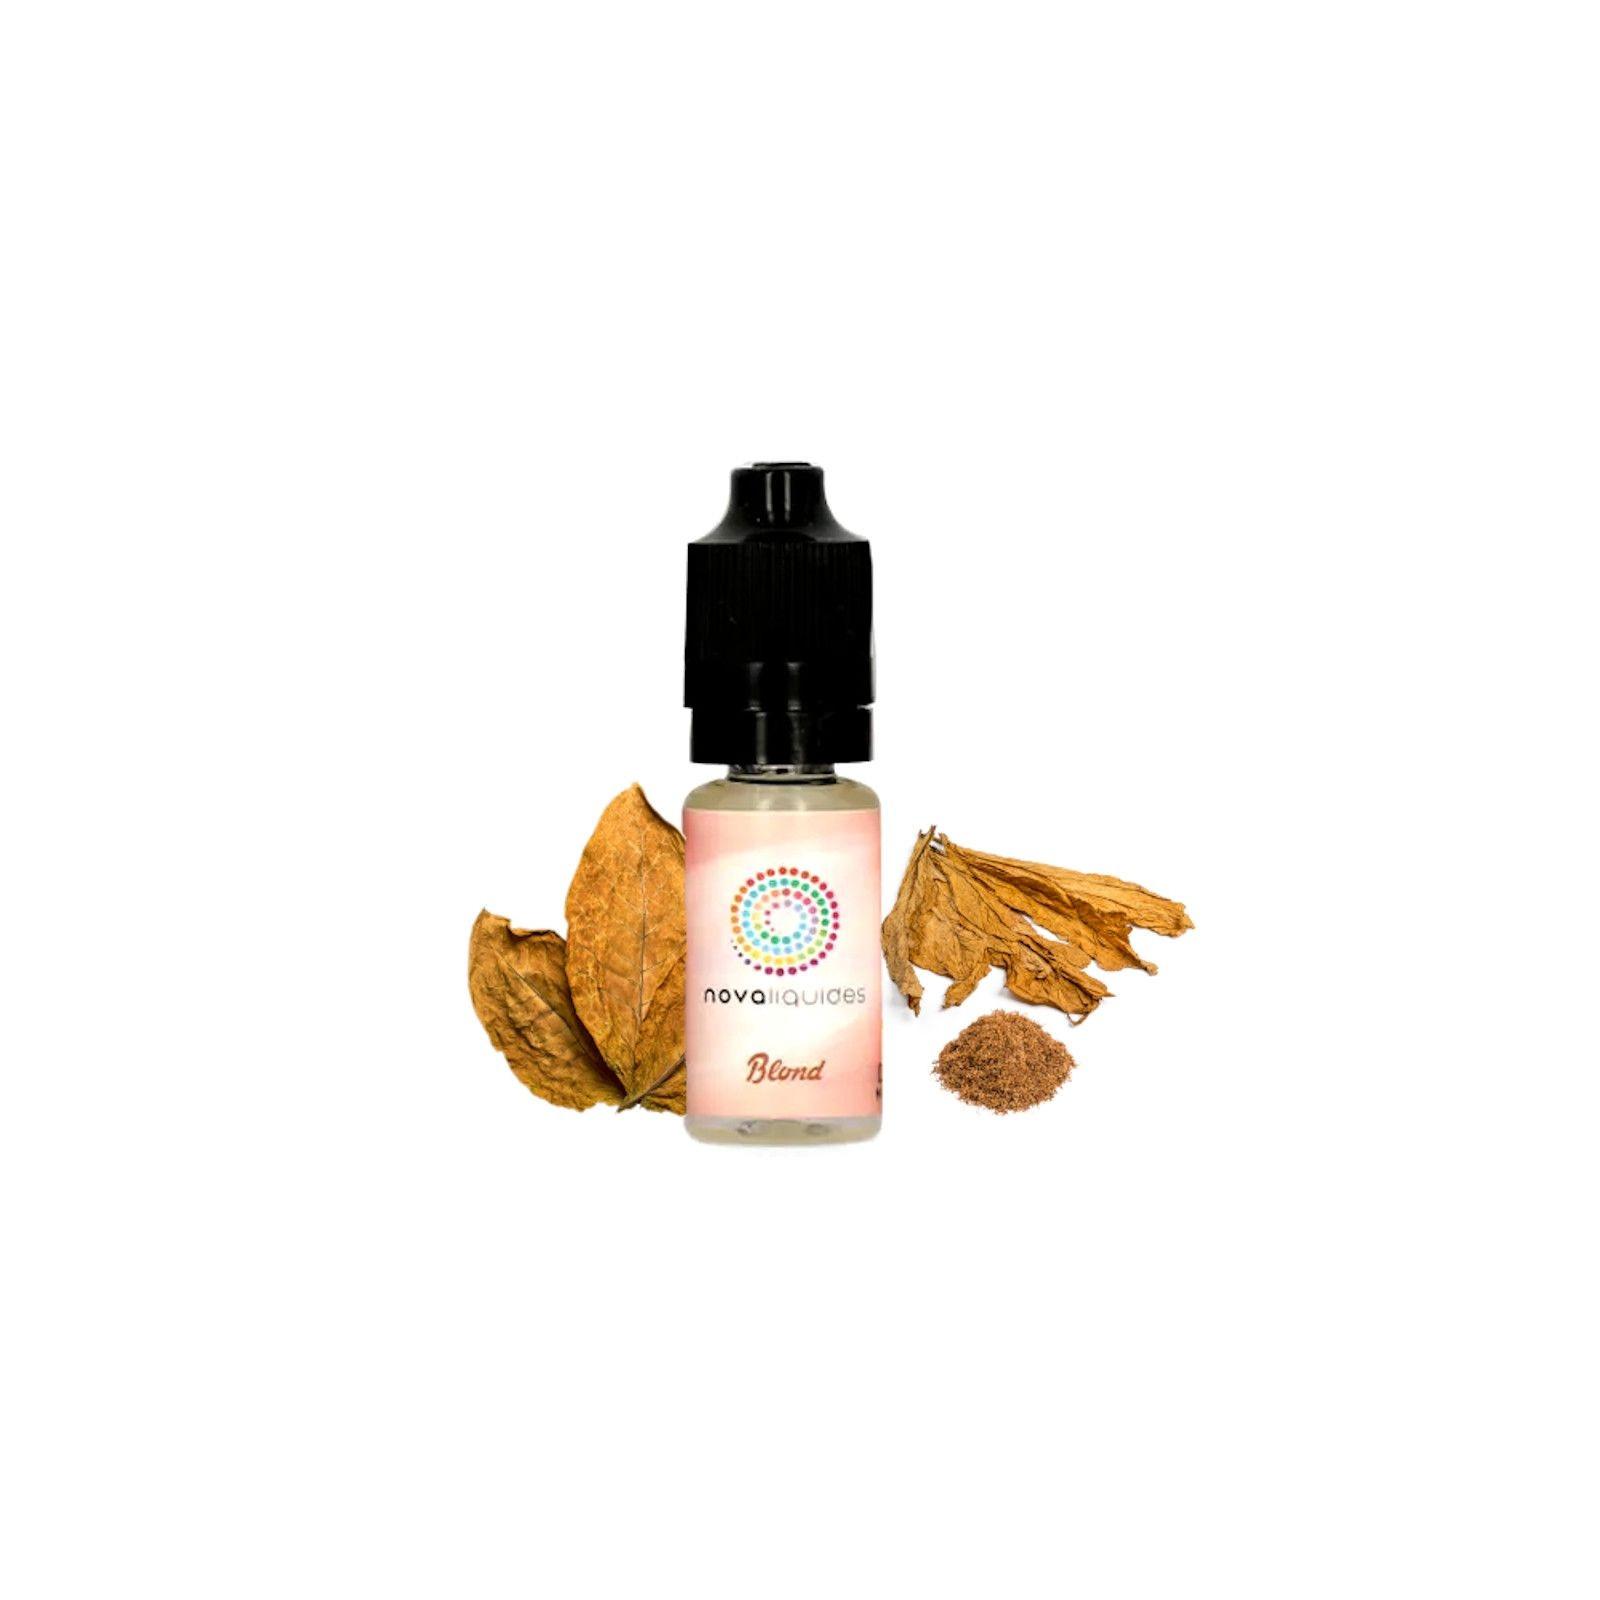 Blond 10 ml - Nova Liquides